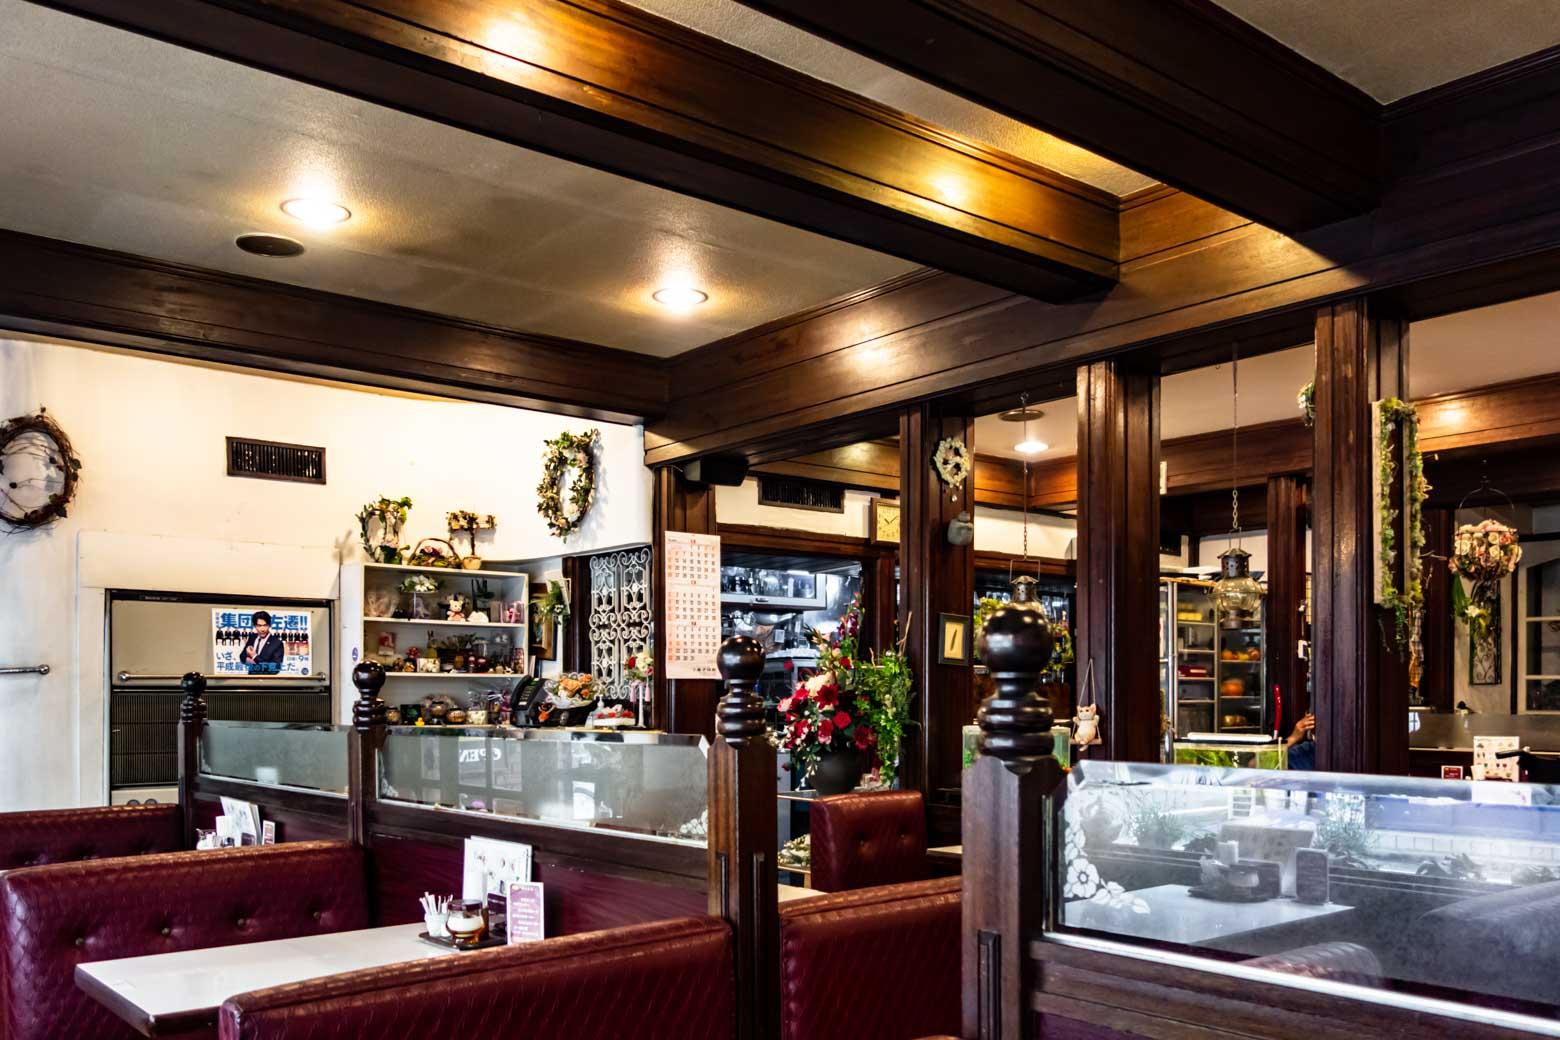 内装も実にレトロ。僕は、ほんとうにこういう喫茶店が好きです。仕事を忘れて寛いでしまいました。